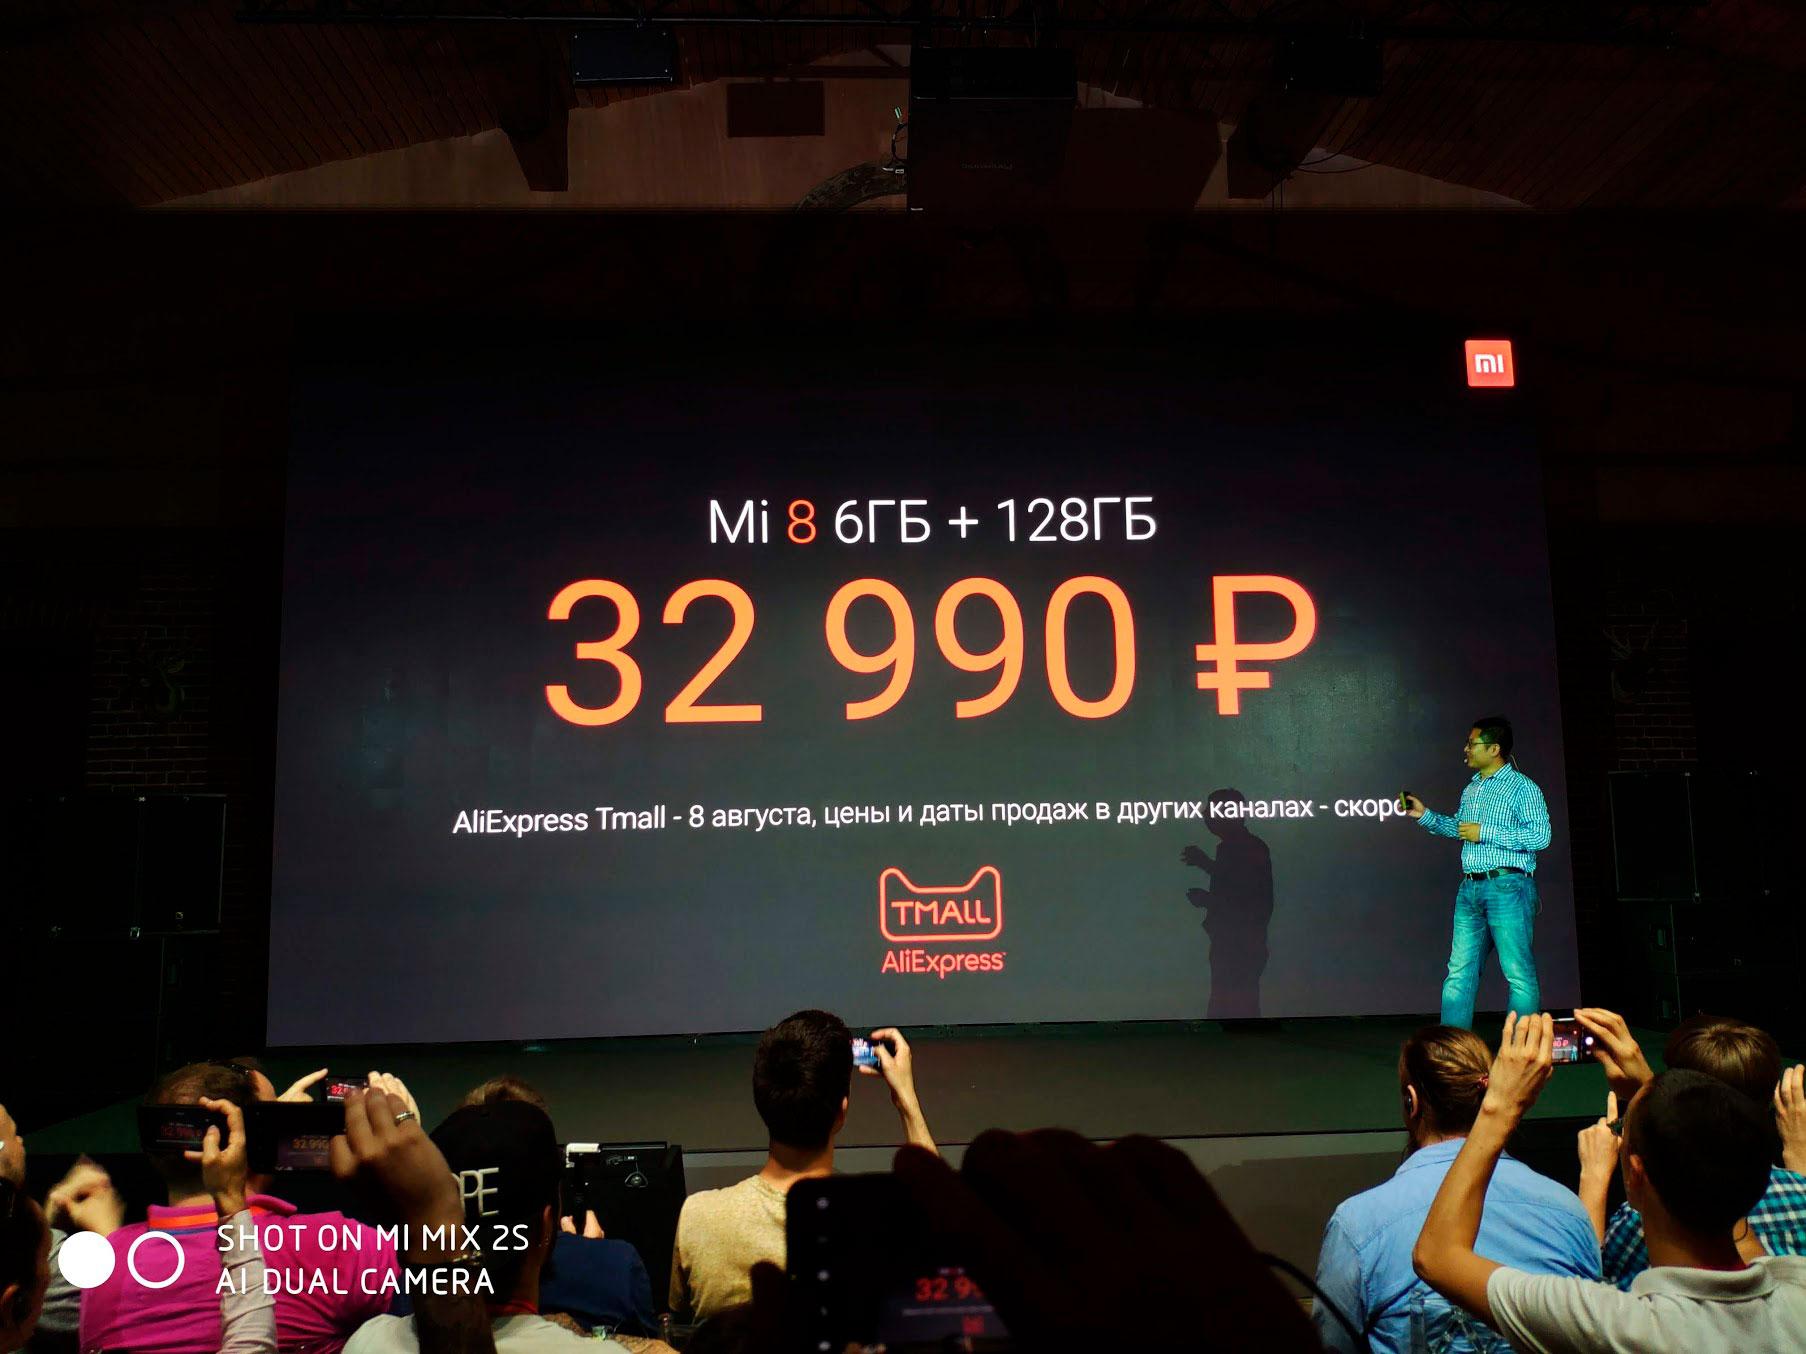 Конкурентов поцене просто нет — Xiaomi Mi8 официально вРоссии